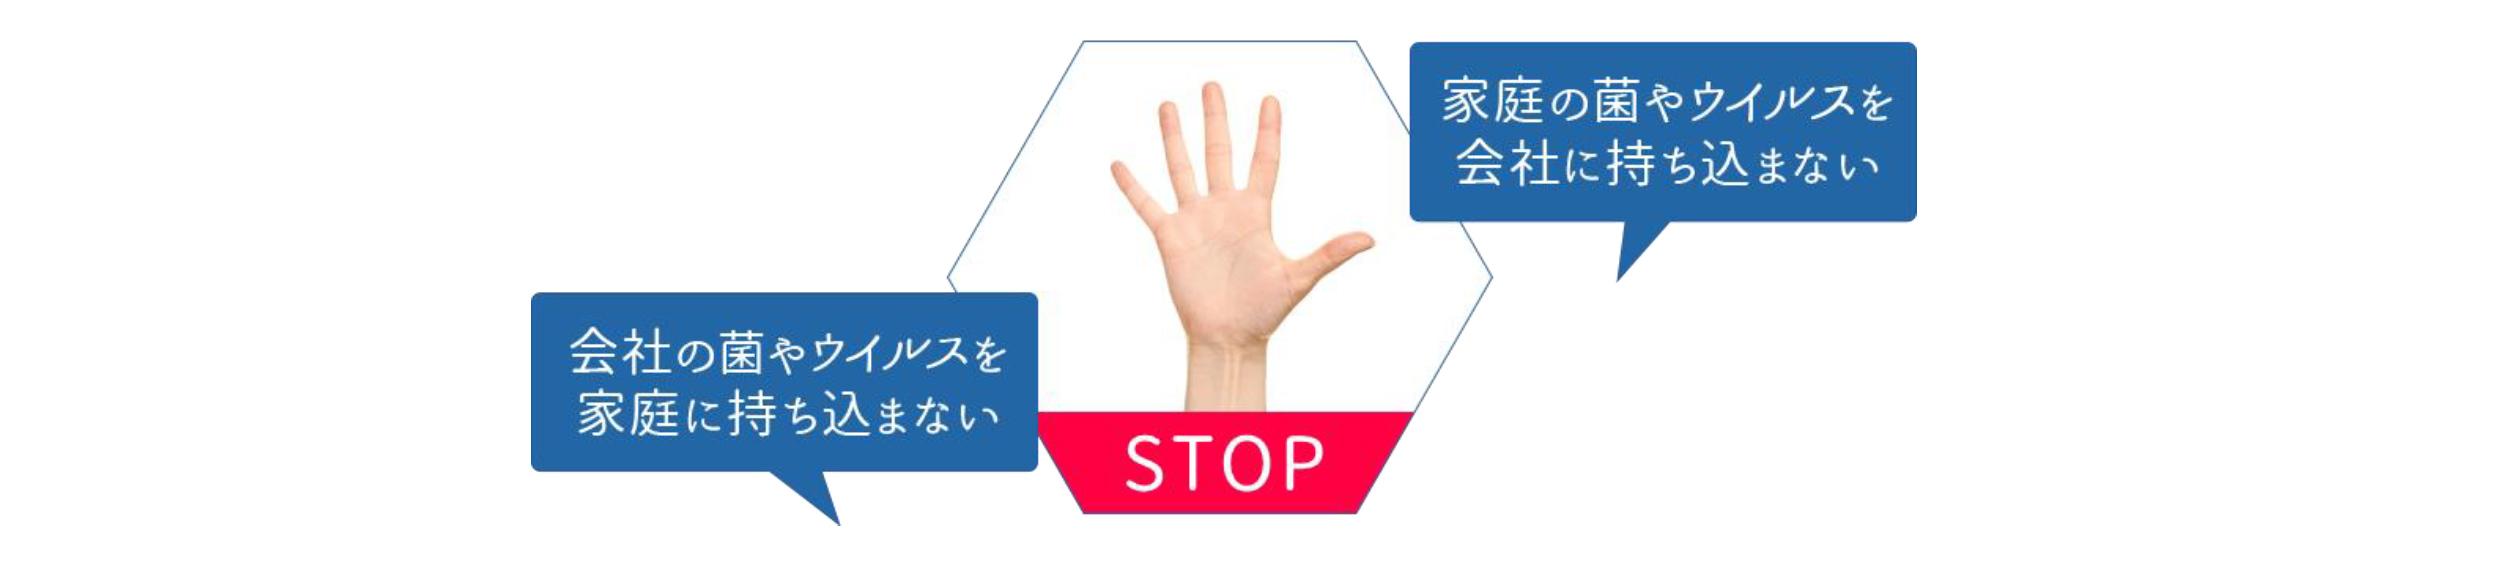 企業に求められるBCP(事業継続計画)対策